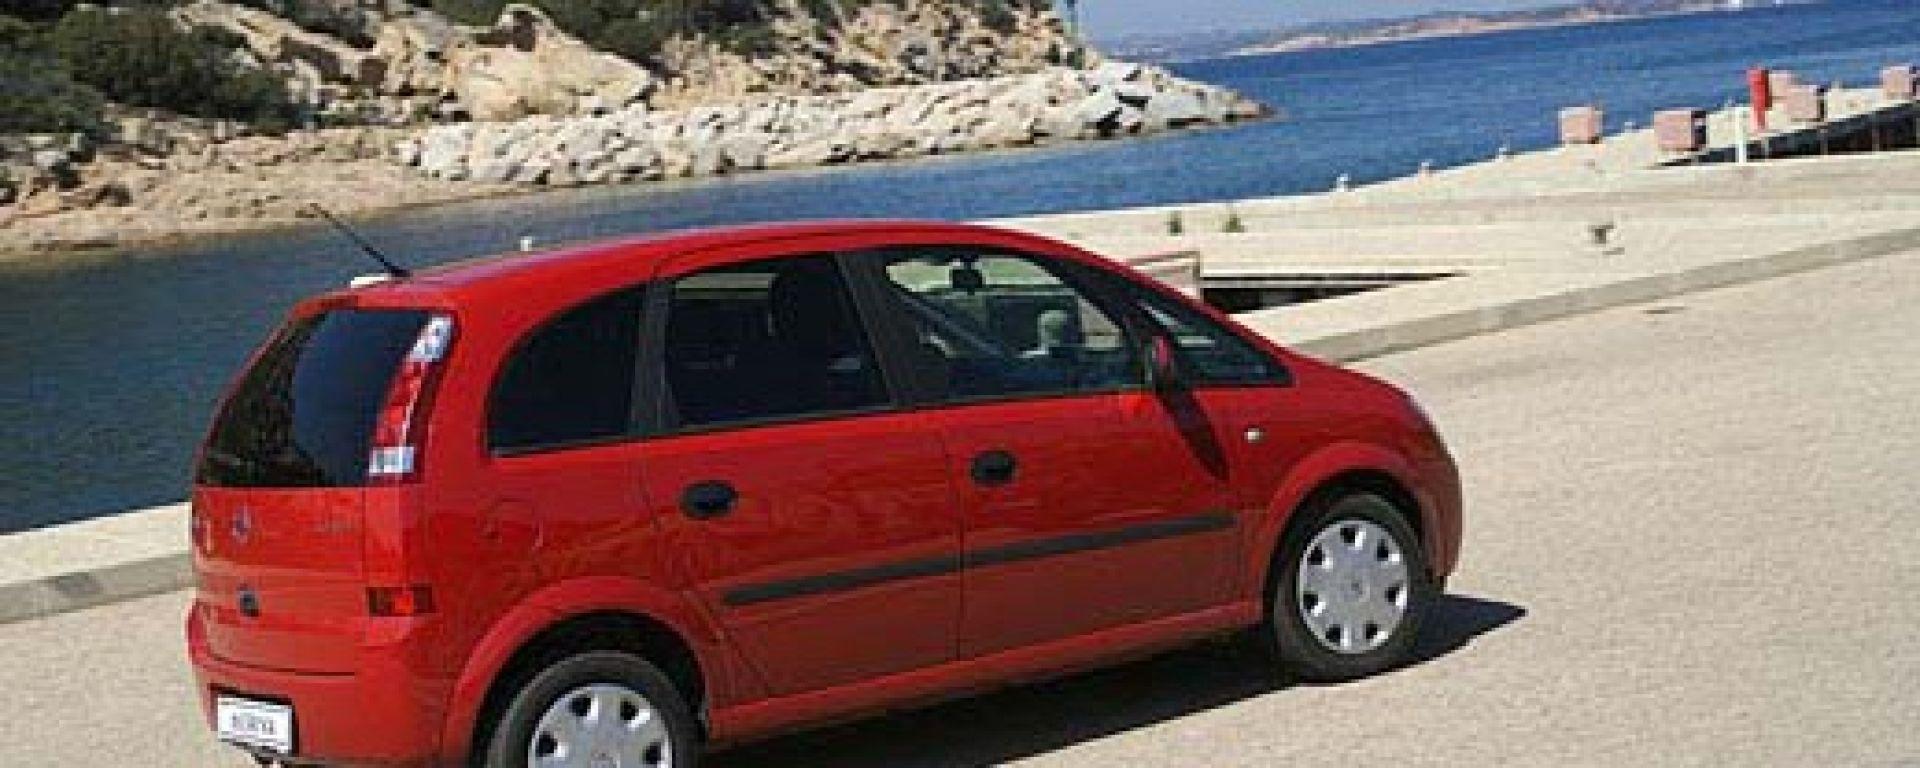 Opel Meriva 2005 Dimensioni >> Dimensioni Bagagliaio Opel Meriva 2005 – Tutto sulle idee per le immagini di auto